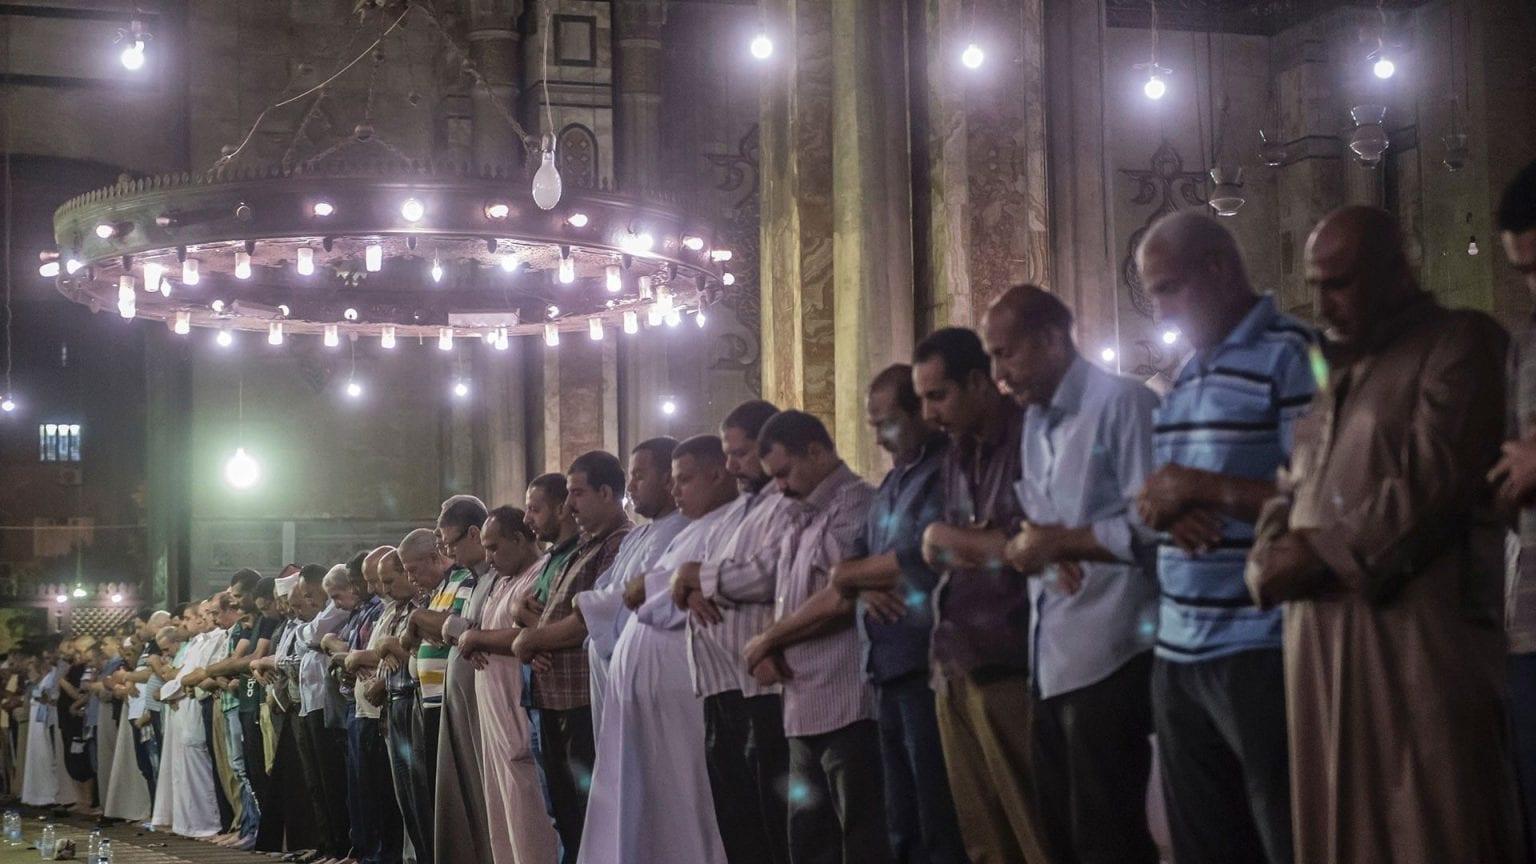 بيان رسمي من الأوقاف منذ قليل حول صلاة التراويح بالمساجد رمضان 2021 والإعتكاف بالعشر الأواخر 3